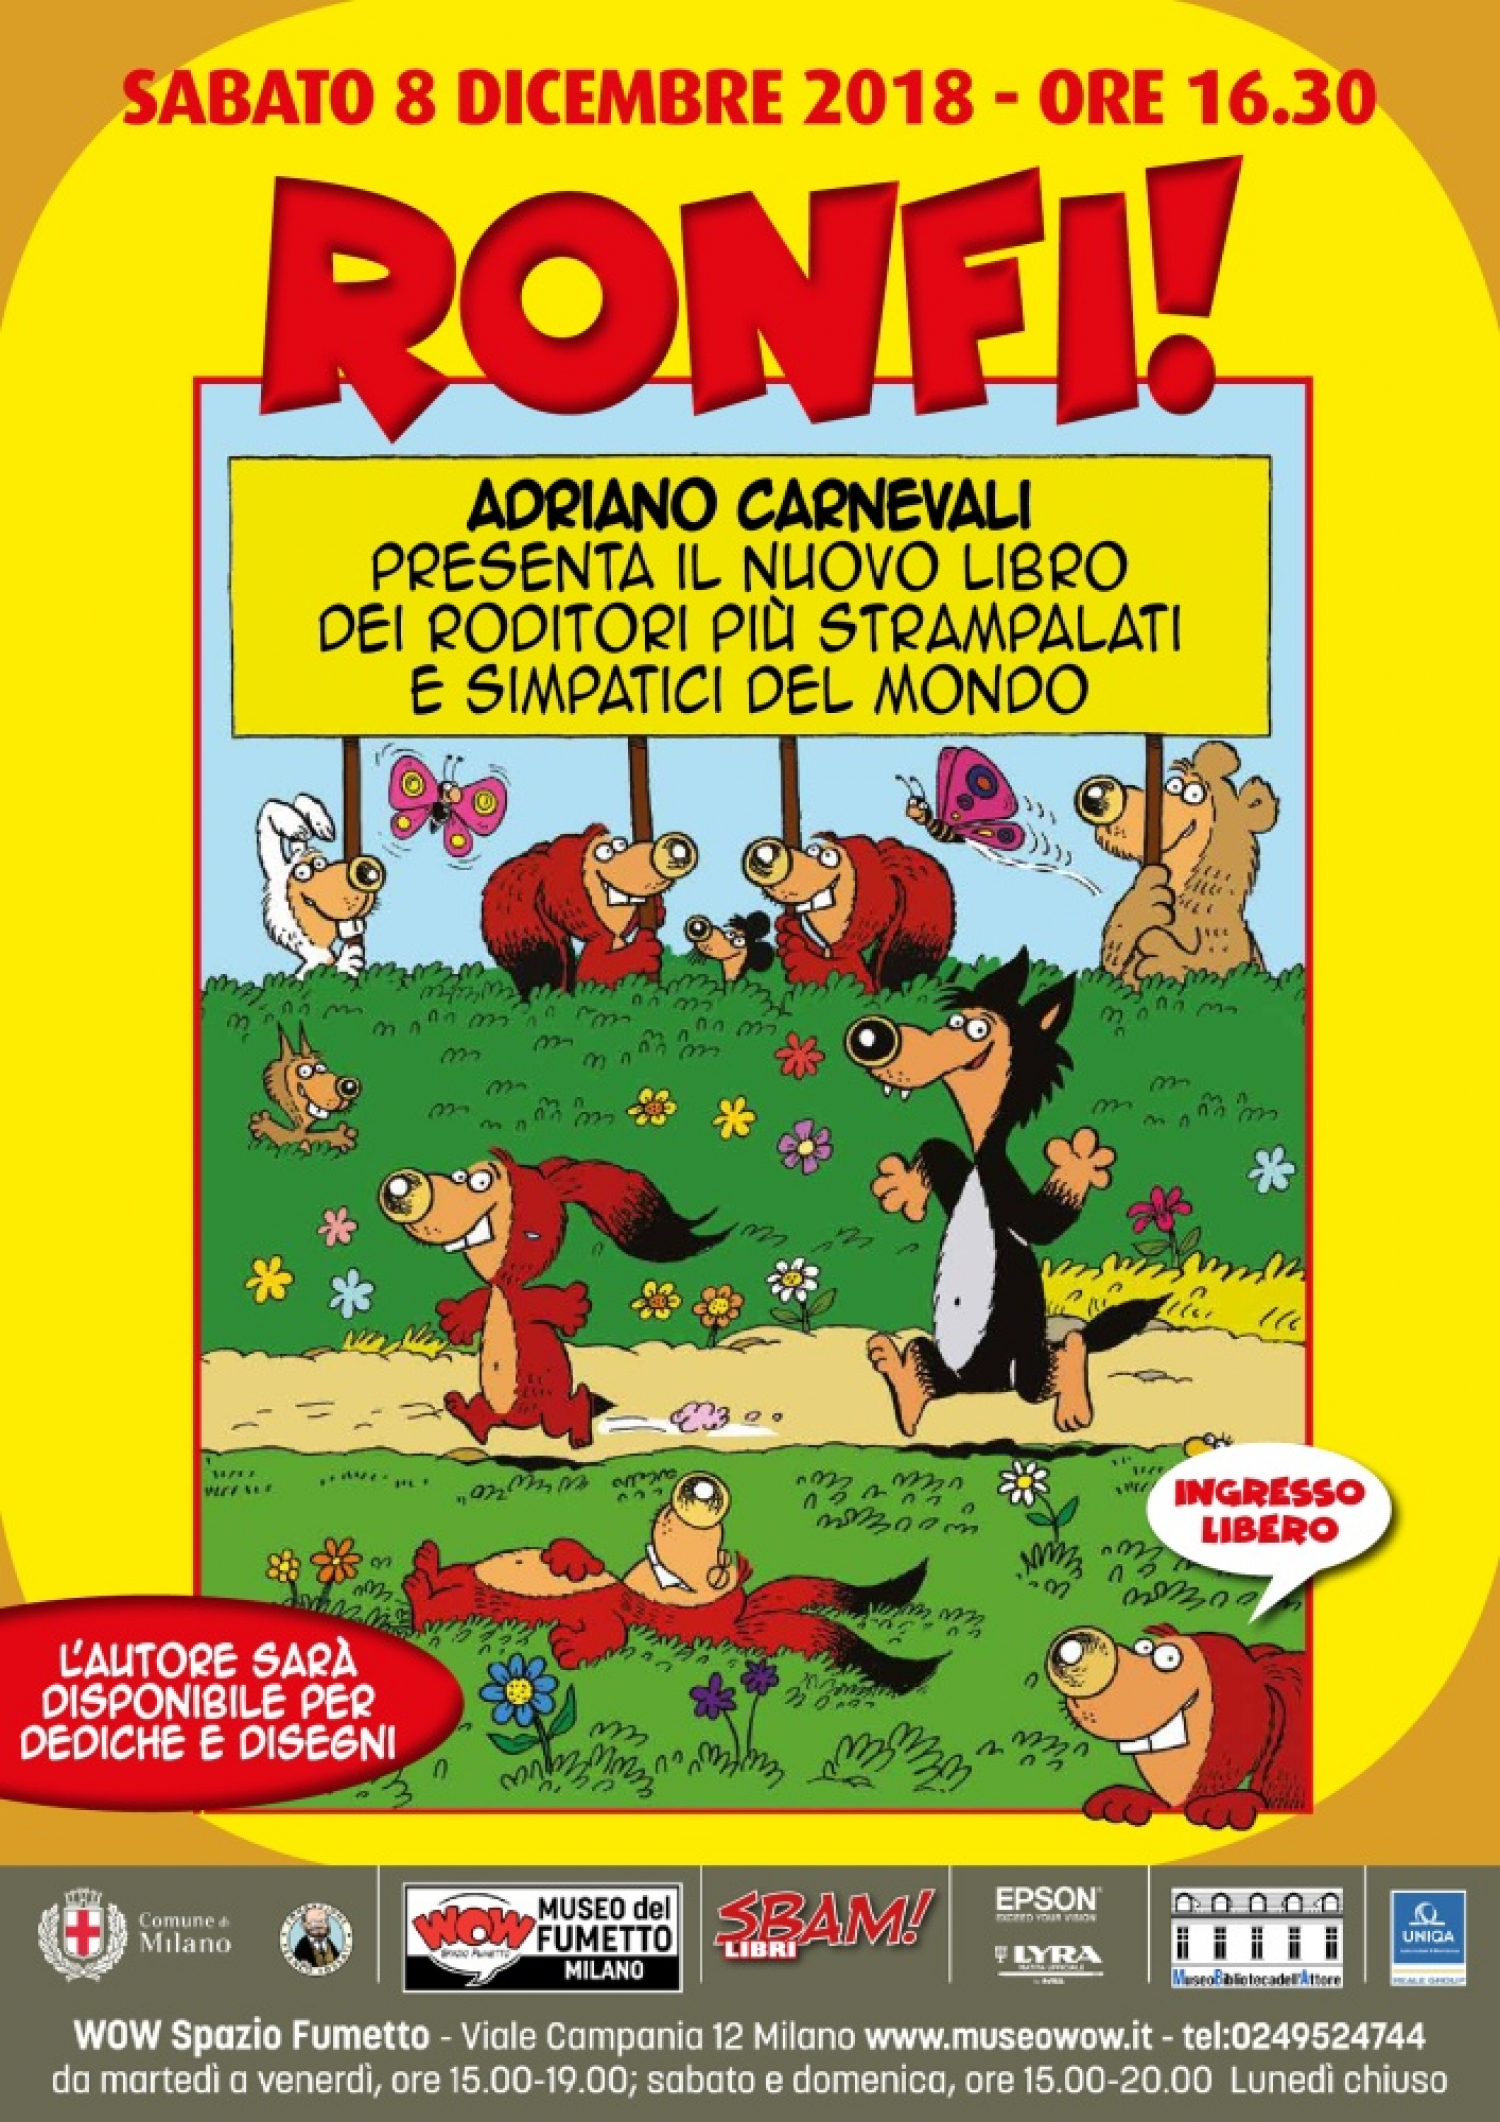 """<p><strong>Ritorna a WOW Spazio Fumetto <a target=""""_blank"""" href=""""http://www.adrianocarnevali.it/"""">Adriano Carnevali</a> con il suo ultimo libro: <a target=""""_blank"""" href=""""https://sbamcomics.it/blog/2018/11/10/sbamlibri-ronfi/"""">RONFI!</a></strong> (<a target=""""_blank"""" href=""""https://sbamcomics.it/sbamlibri/"""">SBAM!Libri</a> - I maestri delle nuvolette, 15 euro). Gli strampalati roditori dei boschi tornano per divertire tra giochi, pagine da colorare e avventure a fumetti. Pensato per i bambini, piacer&agrave; certamente anche ai grandi, che potranno ritrovare le bizzarre creature pelose dopo le loro letture d&rsquo;infanzia, oppure scoprire i numerosi livelli di lettura delle loro storie.</p><p>&nbsp;<p>I <strong>Ronfi</strong> sono nati nel 1981 sul <a target=""""_blank"""" href=""""http://www.museowow.it/wow/il-corriere-dei-piccoli-in-mostra/""""><strong>Corriere dei Piccoli</strong></a>, il mitico settimanale con cui Adriano Carnevali (gi&agrave; autore sul Corriere dei Ragazzi&nbsp;degli episodi della &quot;Contea di Colbrino&quot;) ha collaborato a lungo. Ecco come l&rsquo;autore presenta&nbsp;le sue&nbsp;buffe creature: &ldquo;<strong>Il Ronfo (nome scientifico <em>Ronfus-Ronfus</em>) &egrave; un piccolo roditore dotato da madre Natura di qualit&agrave; eccezionali</strong>. Infatti possiede: lunghe orecchie, che gli servono per impigliarsi nei rami; un grande naso, che gli permette di fare starnuti colossali quando &egrave; raffreddato; una folta pelliccia, color pelo di ronfo, che d&#39;estate tiene un caldo che non vi dico. Il Ronfo mangia legno dolce e trascorre circa sei mesi all&#39;anno in letargo nella tana. Durante gli altri mesi divide il suo tempo tra ronfate all&#39;aperto, riposini e pisoloni&rdquo;. I Ronfi sono diventati tra i personaggi pi&ugrave; riconoscibili degli ultimi anni del Corrierino, e vengono ancora regolarmente pubblicati sul mensile enigmistico Giocolandia. Il piccolo popolo dei Ronfi &egrave; stato protagonista a WOW Spazio Fumetto di una <a targ"""